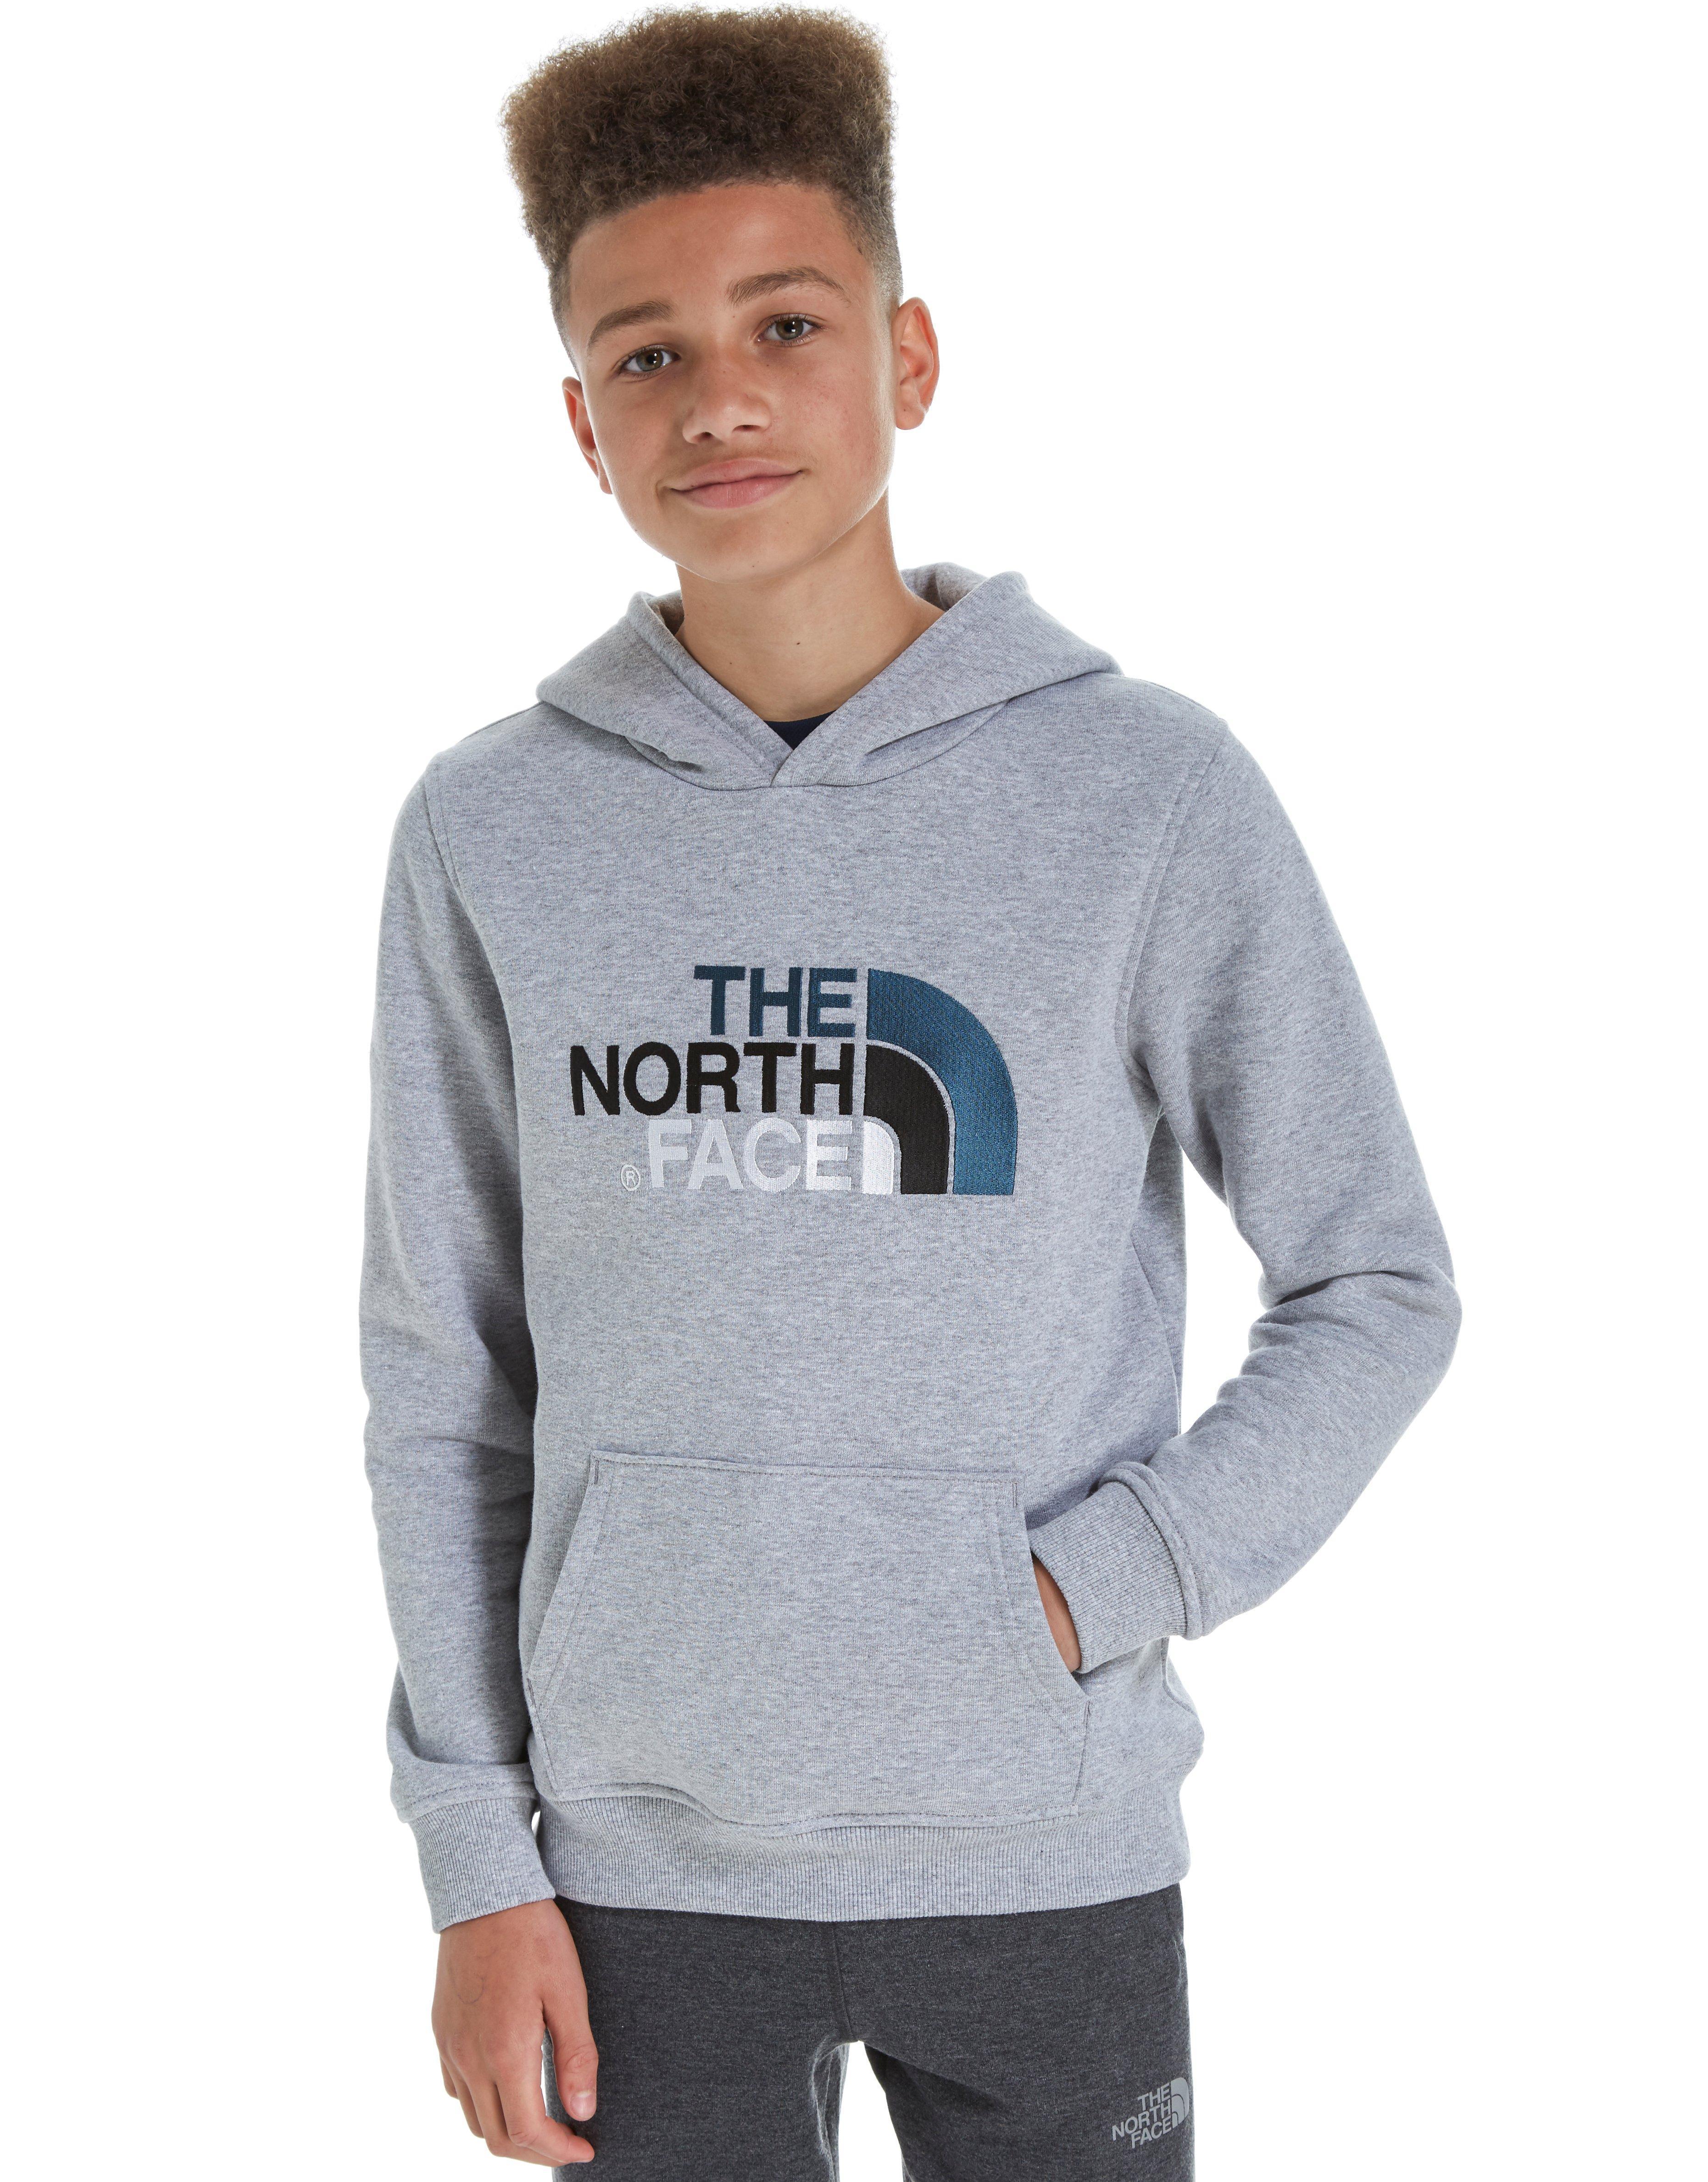 49ea4eef0 The North Face Drew Peak Hoodie Junior in Gray for Men - Lyst